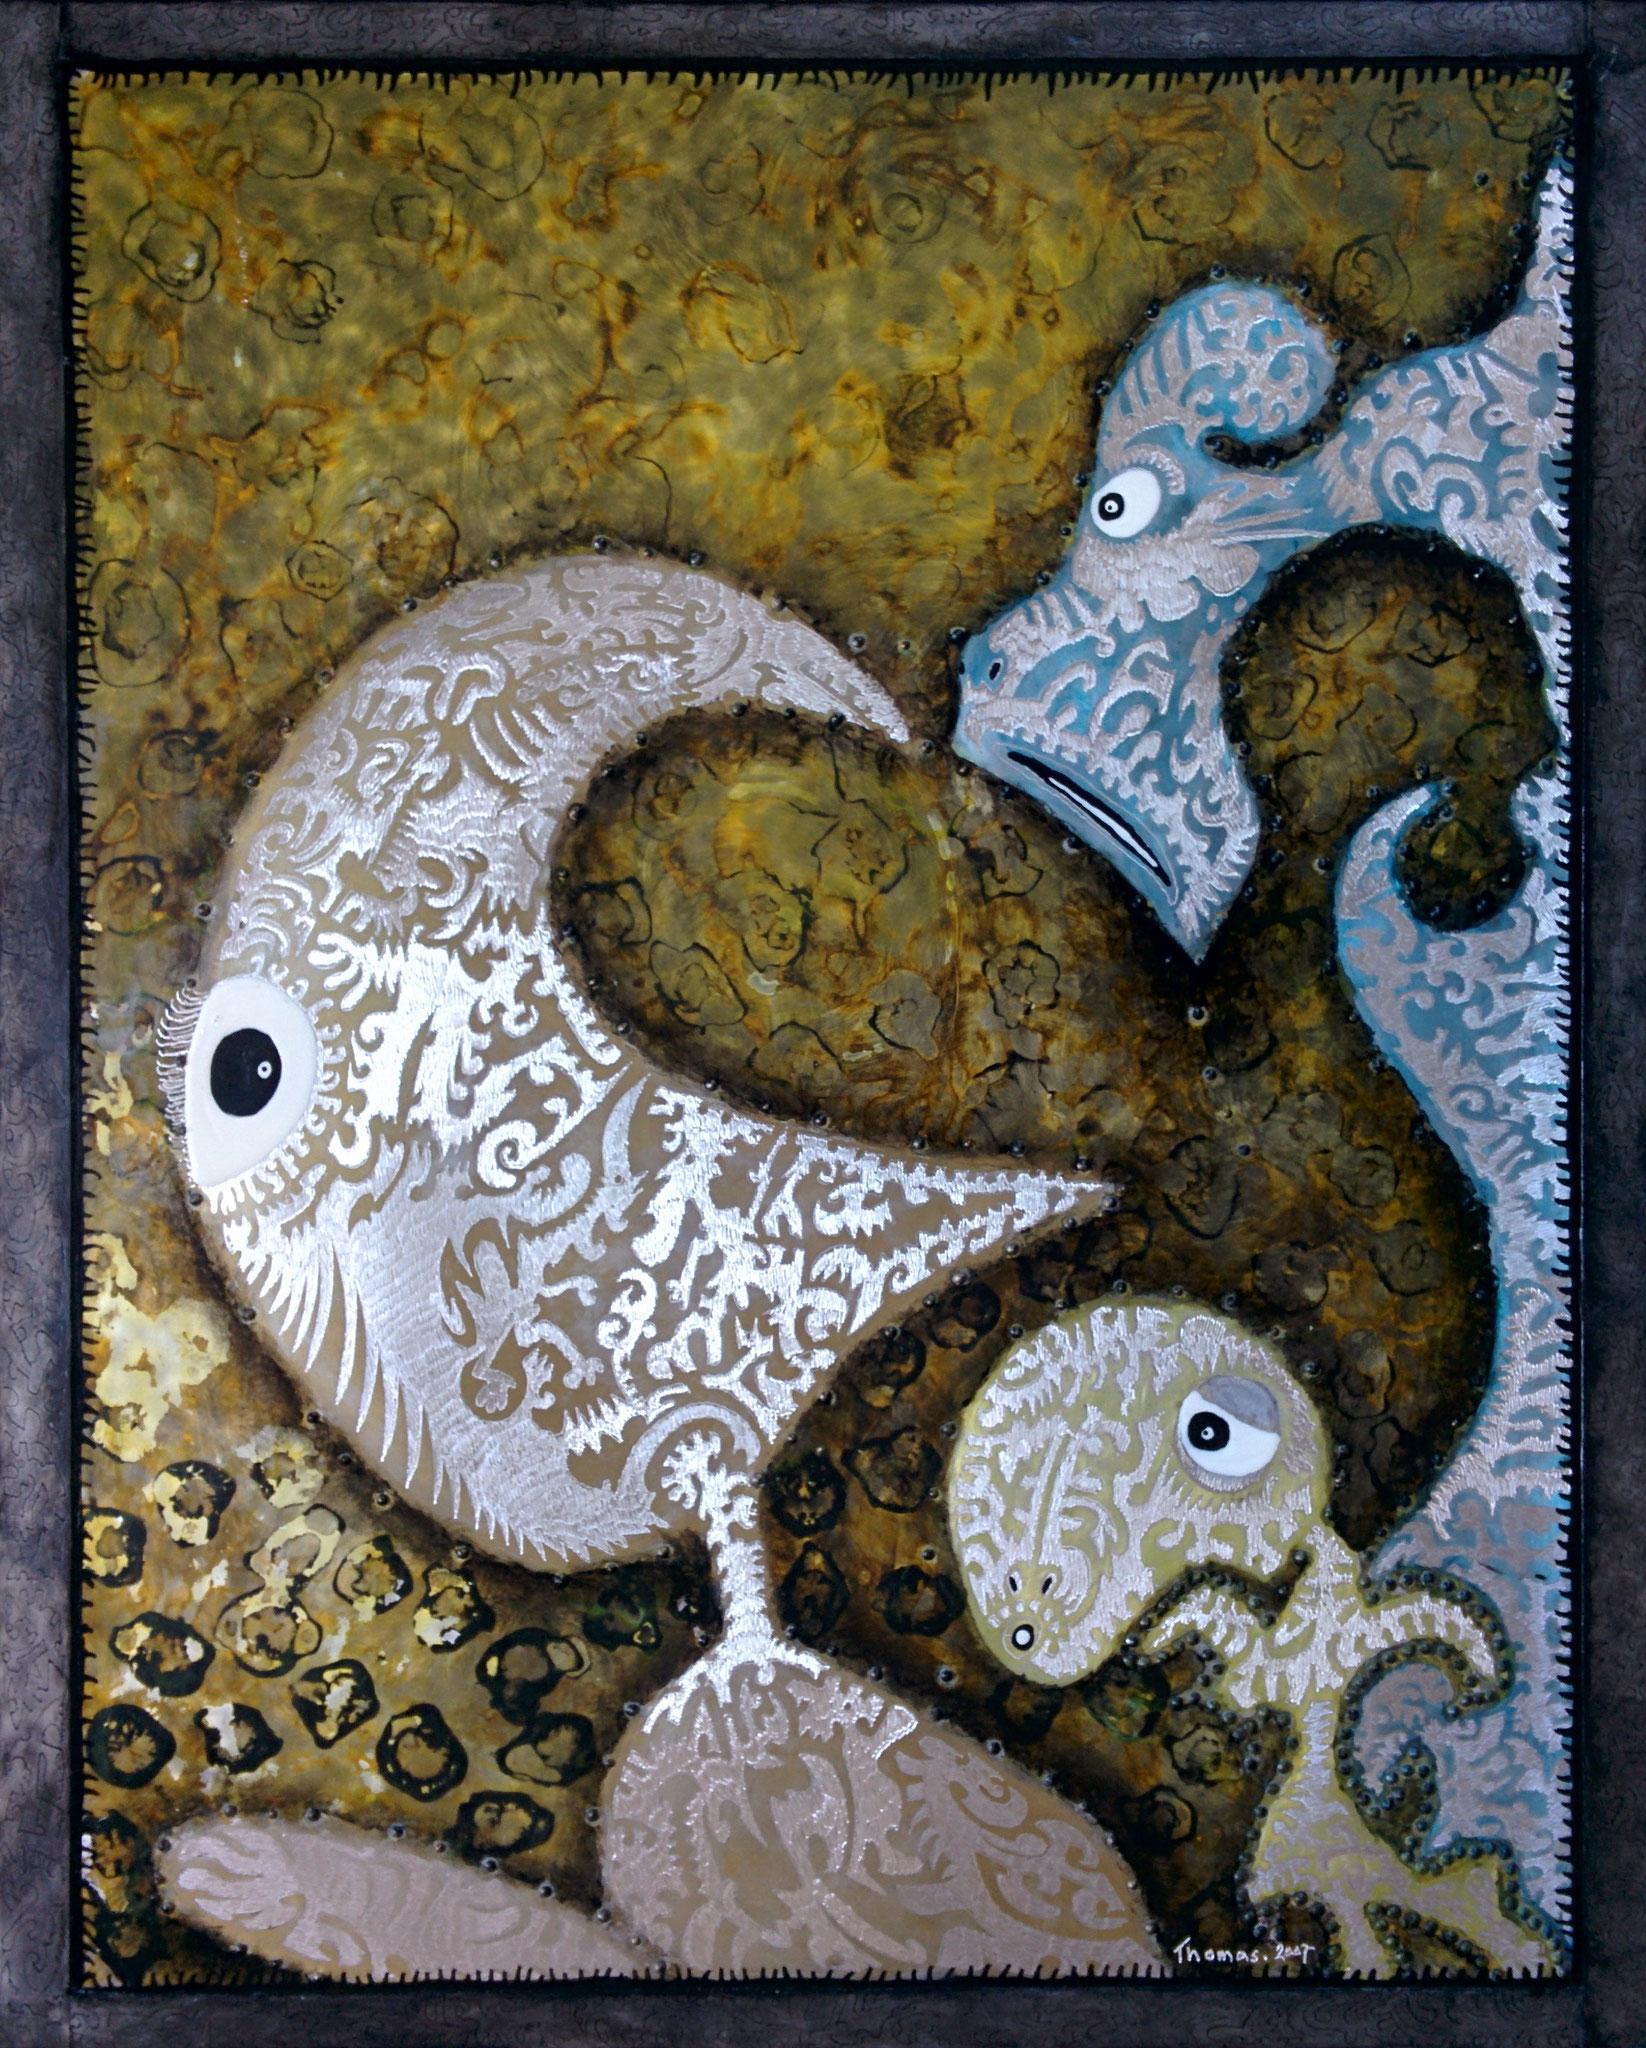 Les Padaks / tableau sur feuille d'aluminium clouée sur panneau médium/ format : 69x56x1.5cm/ peinture acrylique et vernis/2007/ prix : 300 euros